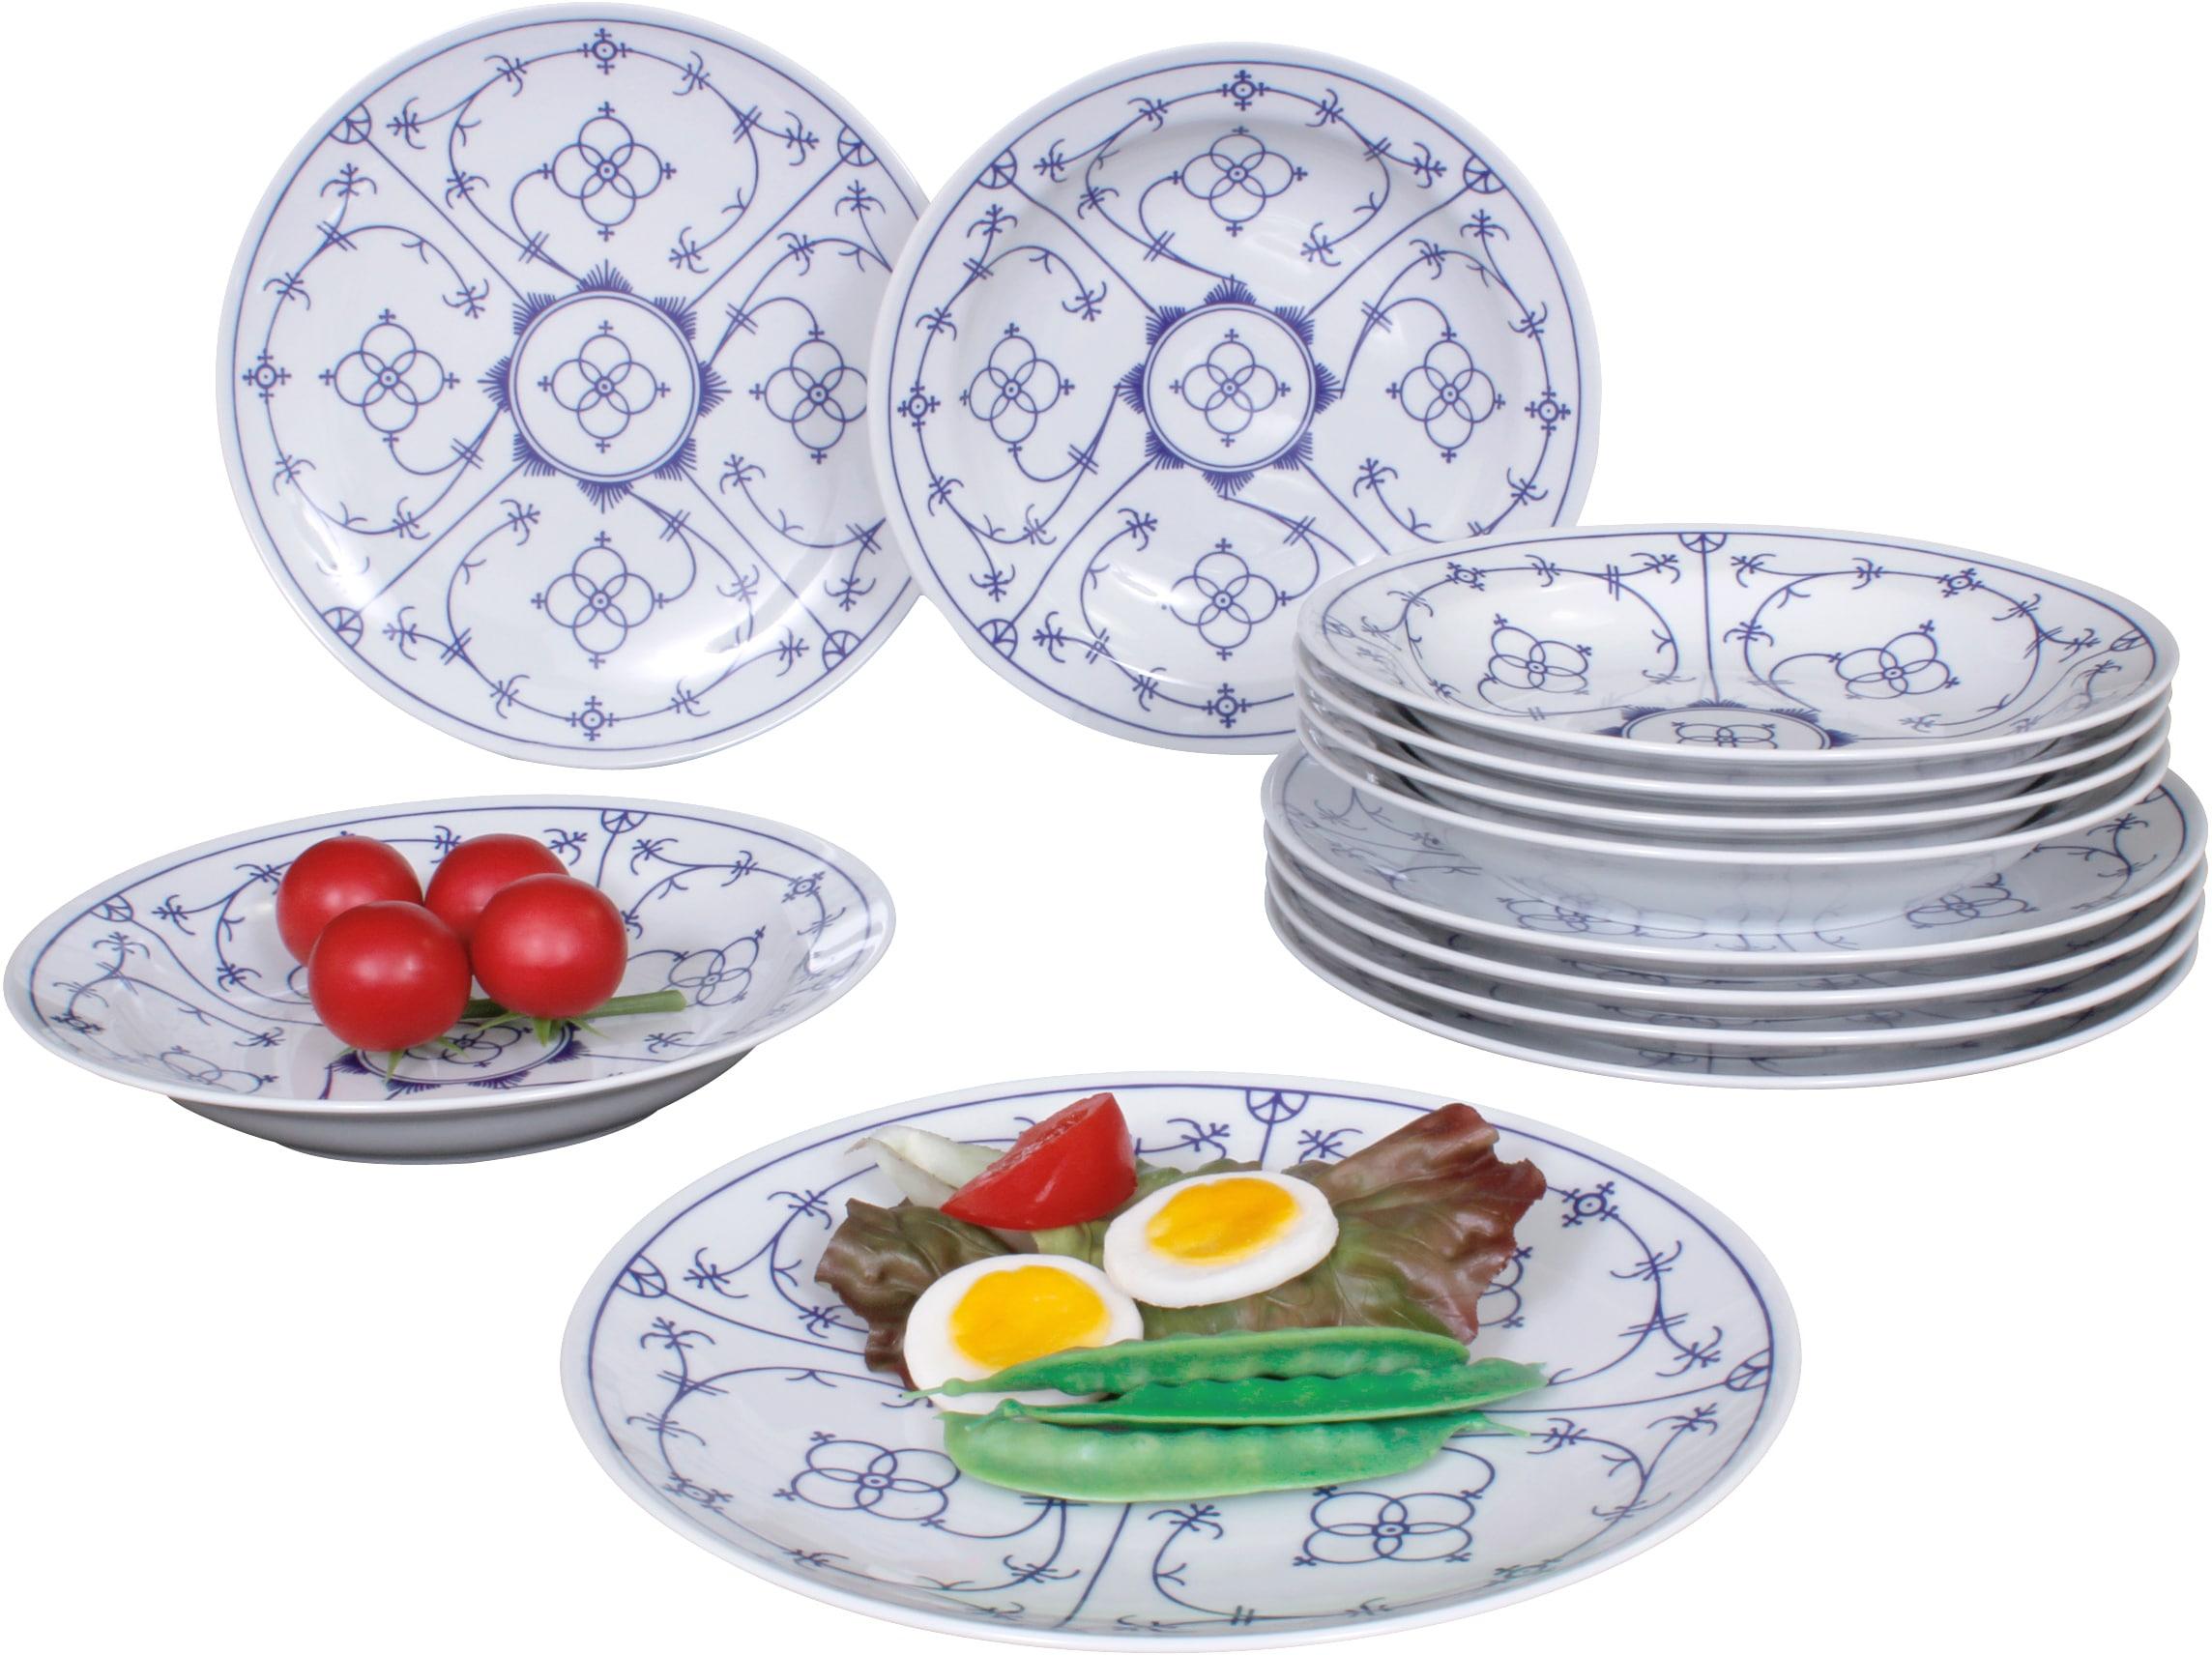 Eschenbach Tafelservice Winterling - Indischblau (12-tlg.), Porzellan weiß Geschirr-Sets Geschirr, Tischaccessoires Haushaltswaren